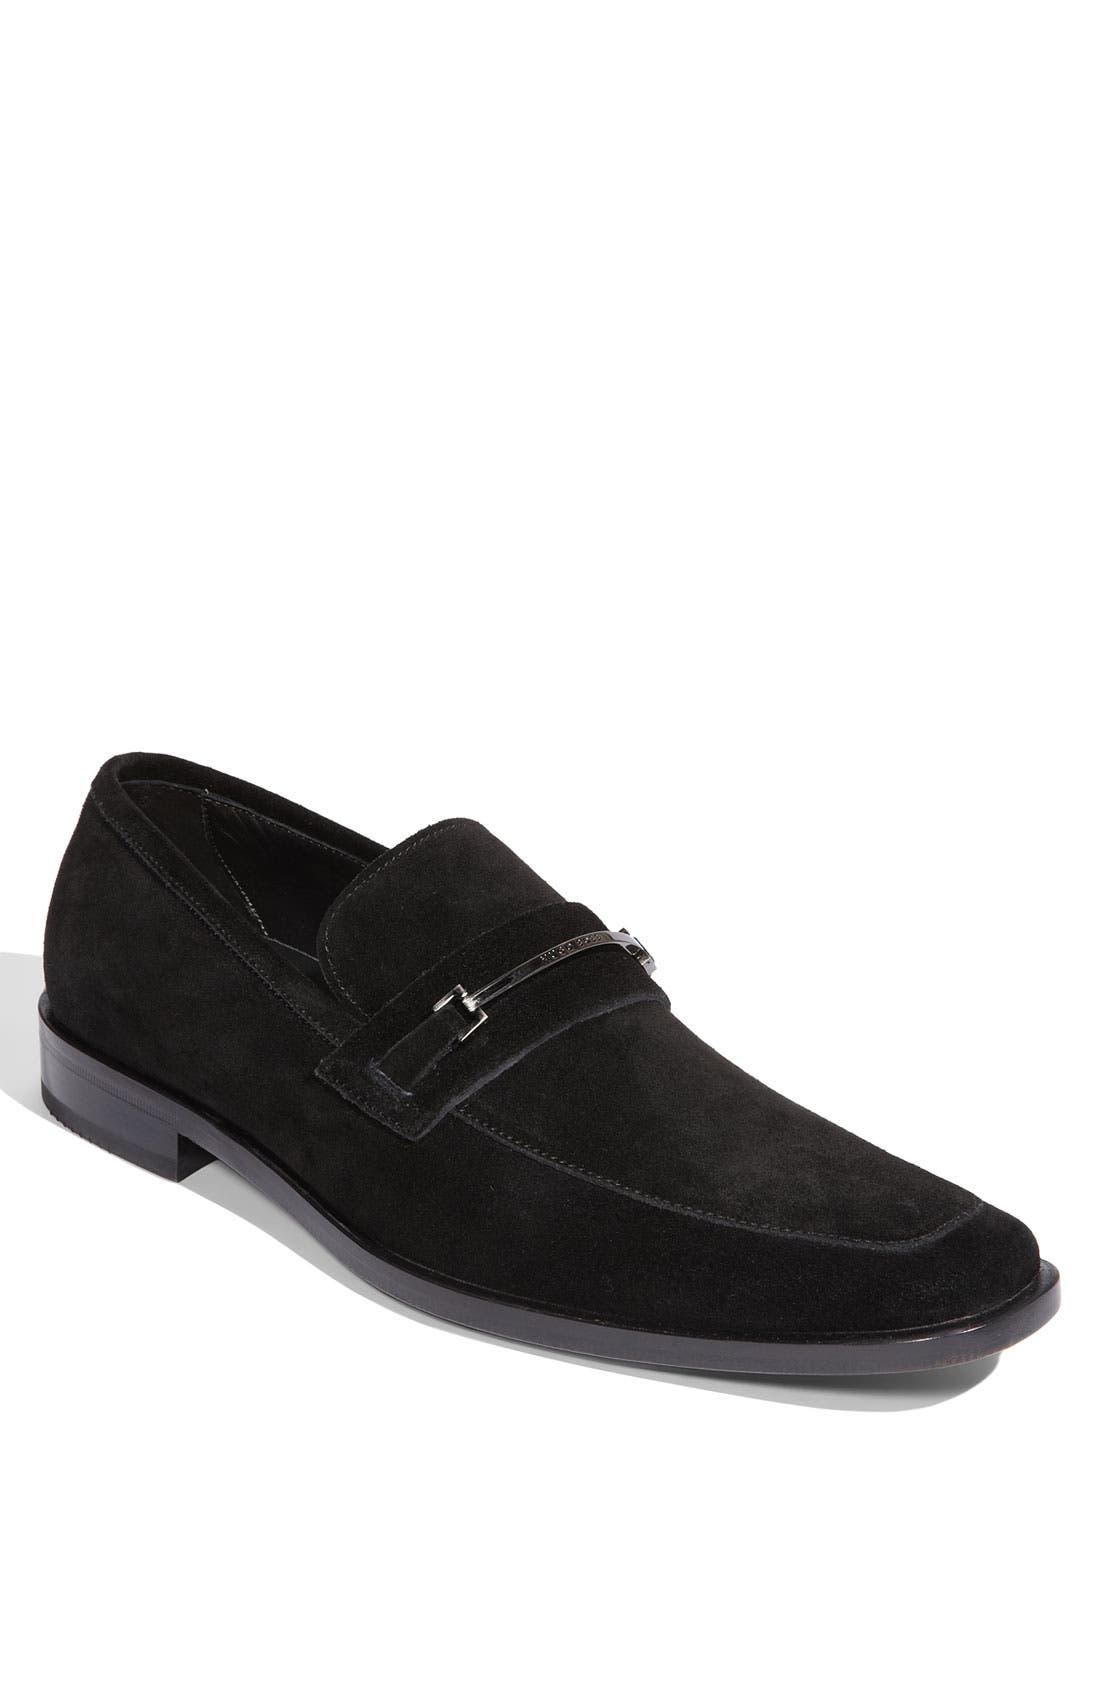 Alternate Image 1 Selected - BOSS Black 'Carl' Loafer (Men)